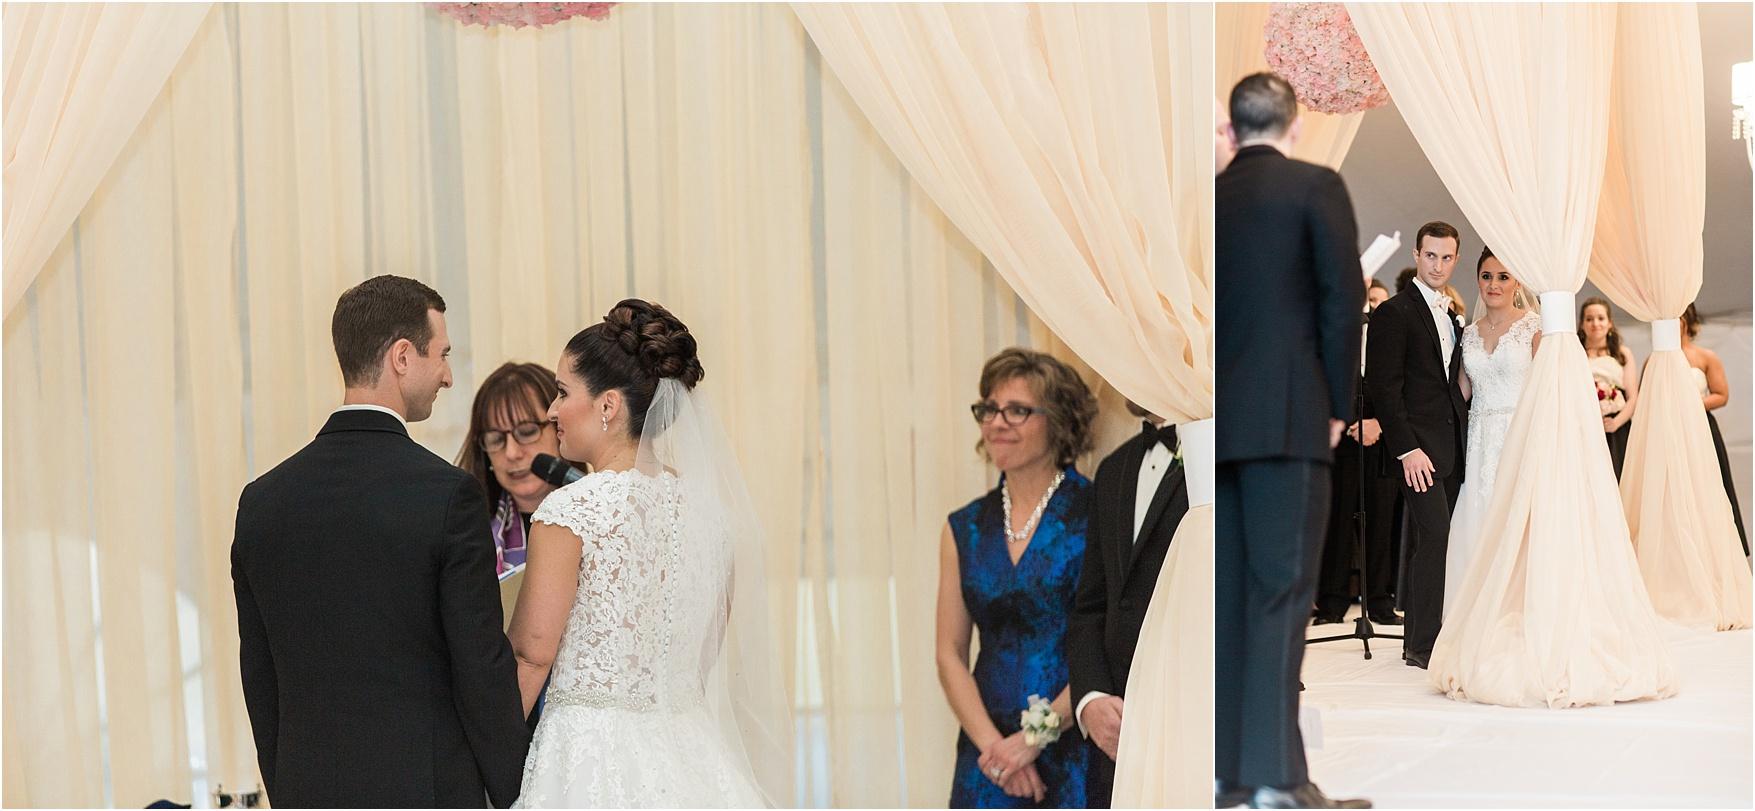 wedding photography st louis_lauren muckler photography_film photographer_film wedding_0064.jpg